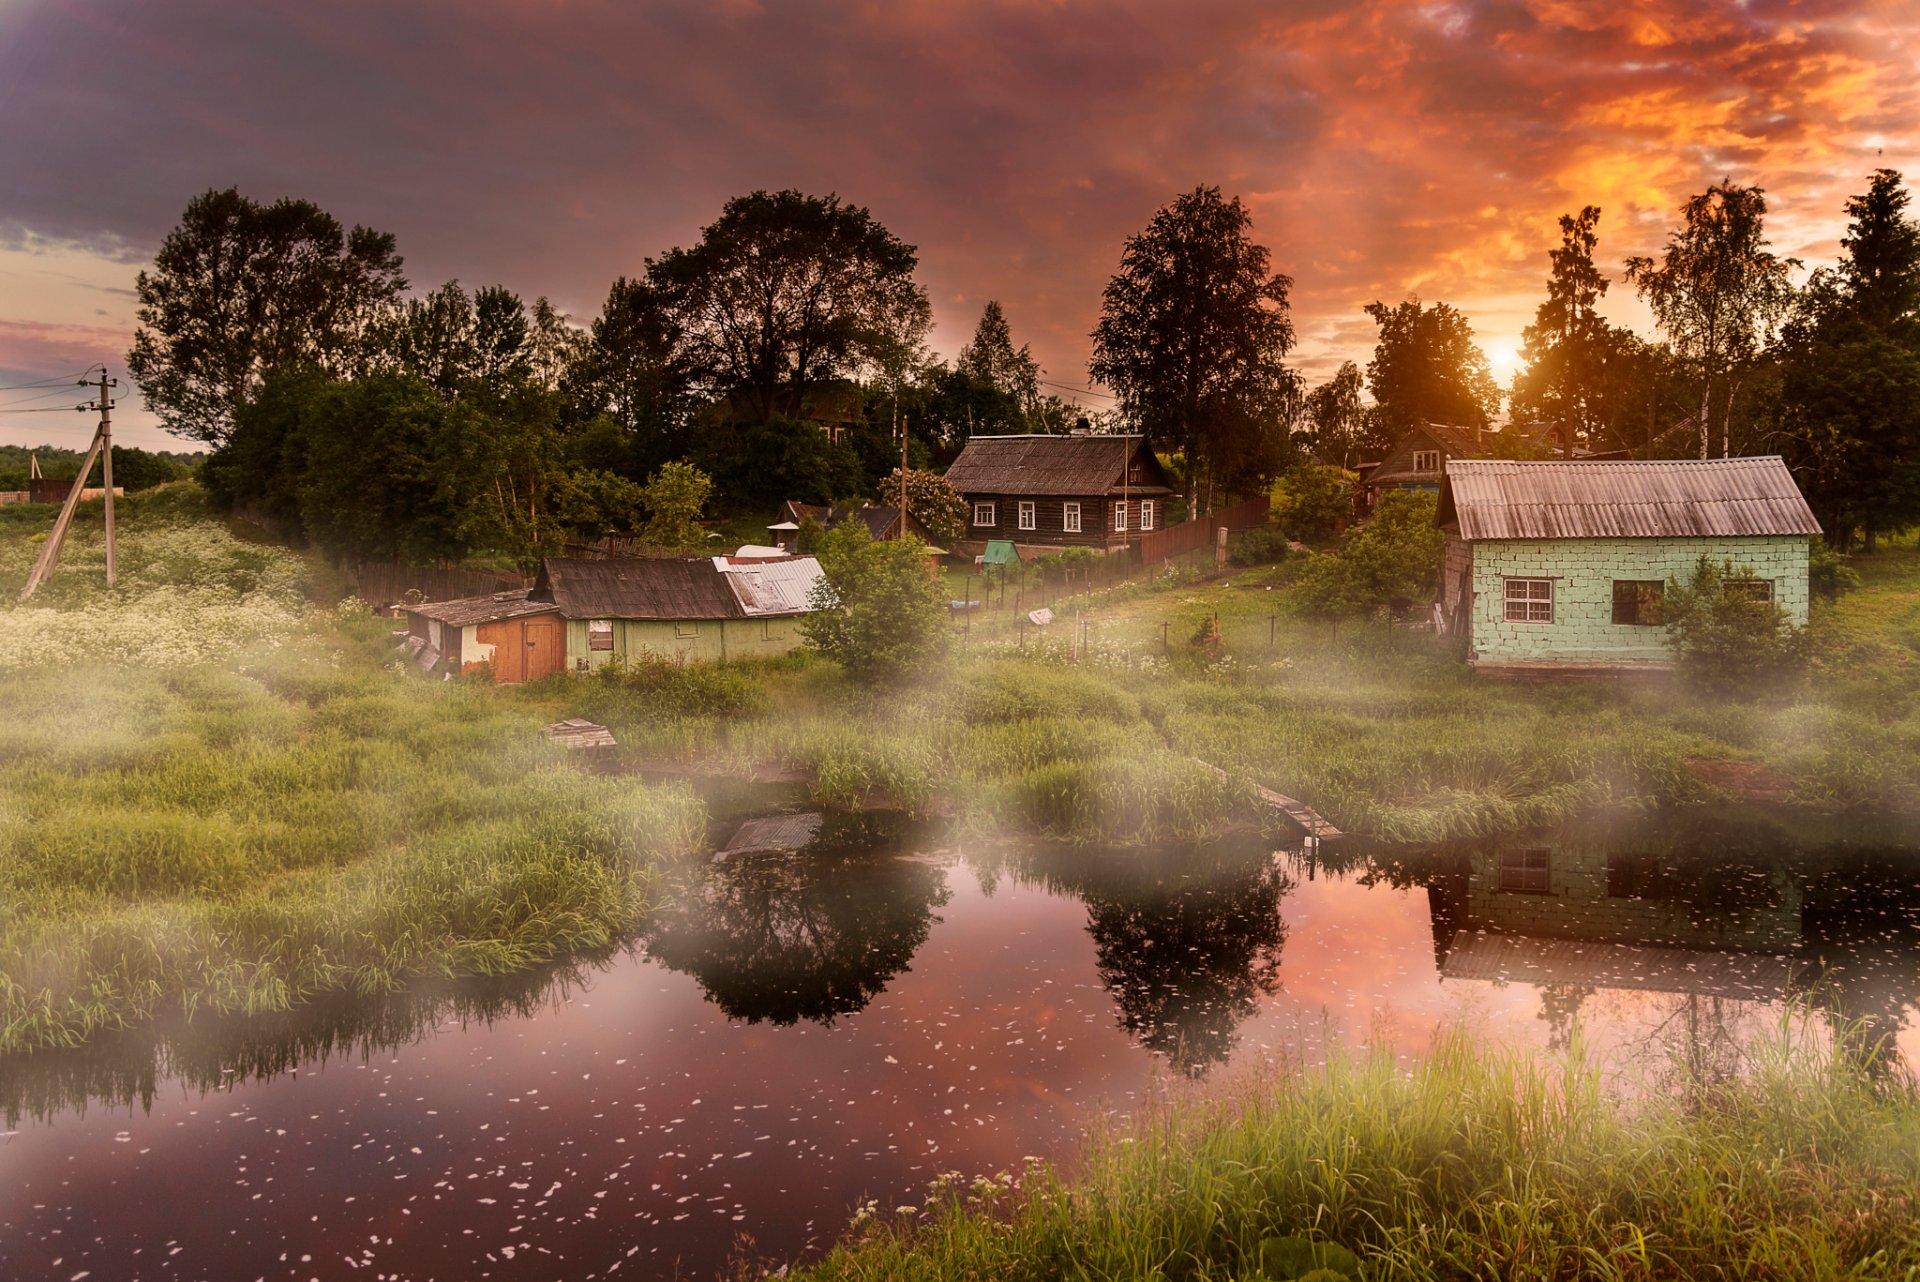 Красивые картинки и гифки с добрым утром с деревней